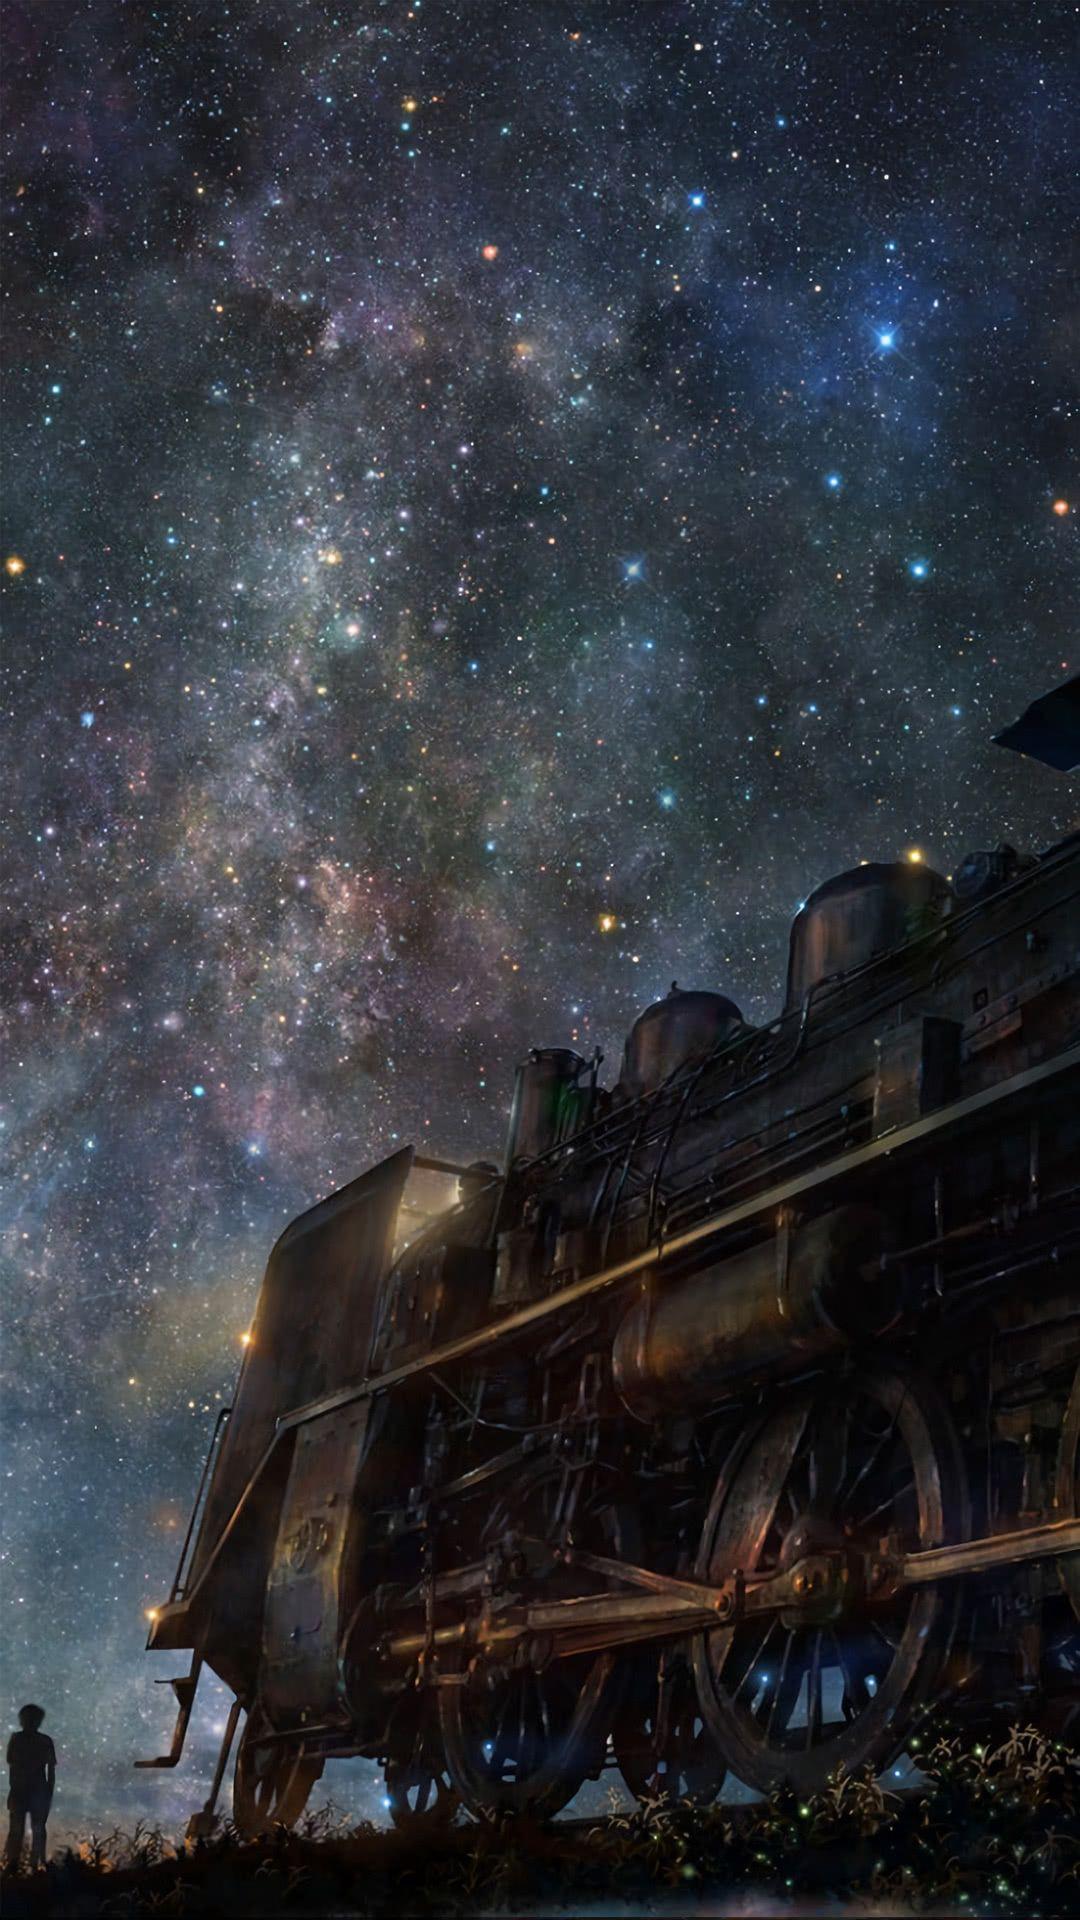 人気3位 星空と汽車 Iphonex スマホ壁紙 待受画像ギャラリー スマホ壁紙 壁紙 綺麗 壁紙